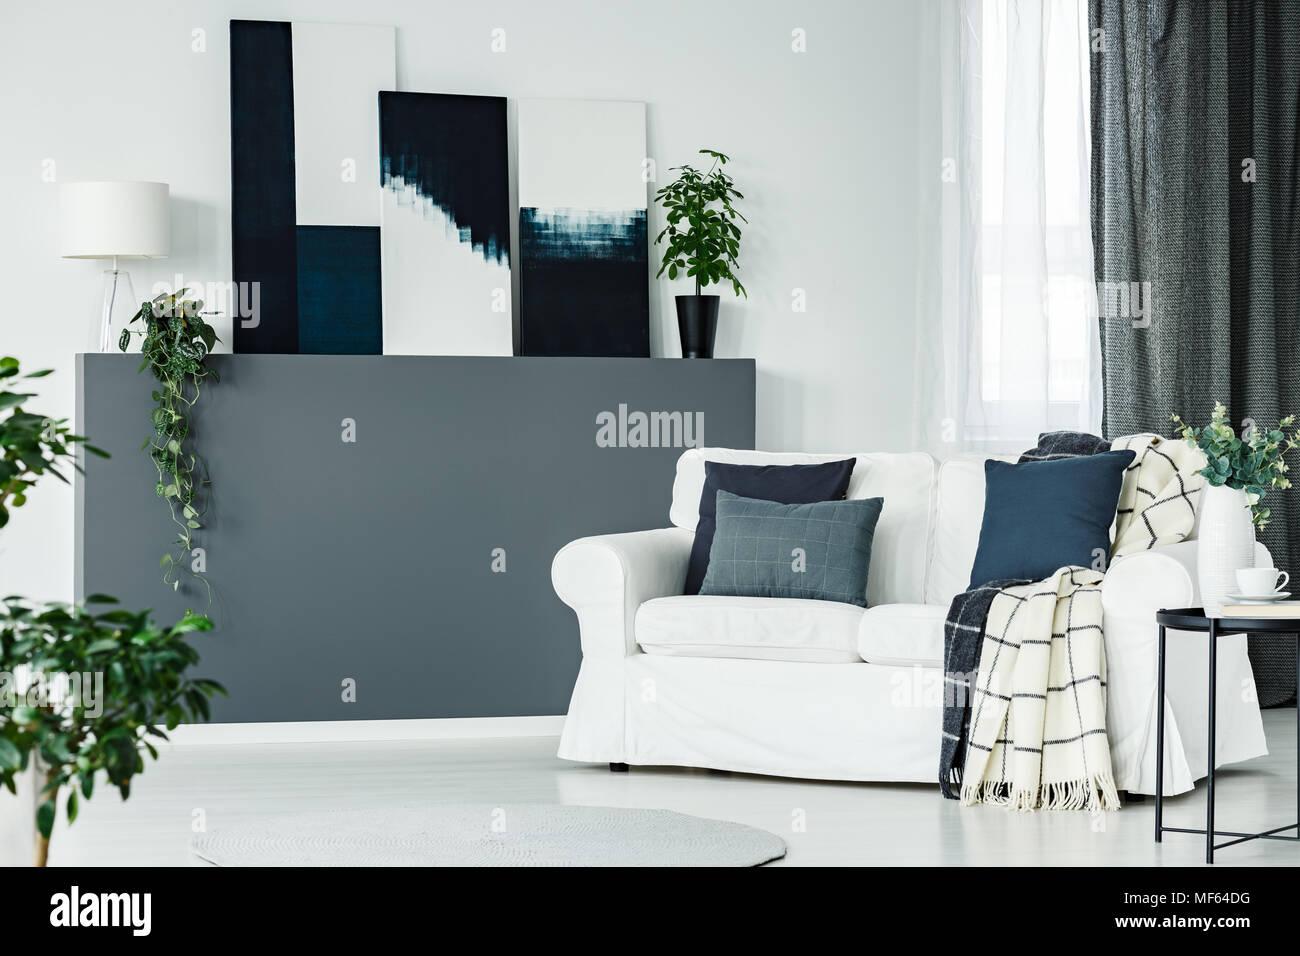 Moderne Kunst Gemälde Auf Einem Wandregal Mit Lampe Und Frische Pflanzen In  Helles Wohnzimmer Mit Fenster Und Sofa Mit Kissen Gelegt